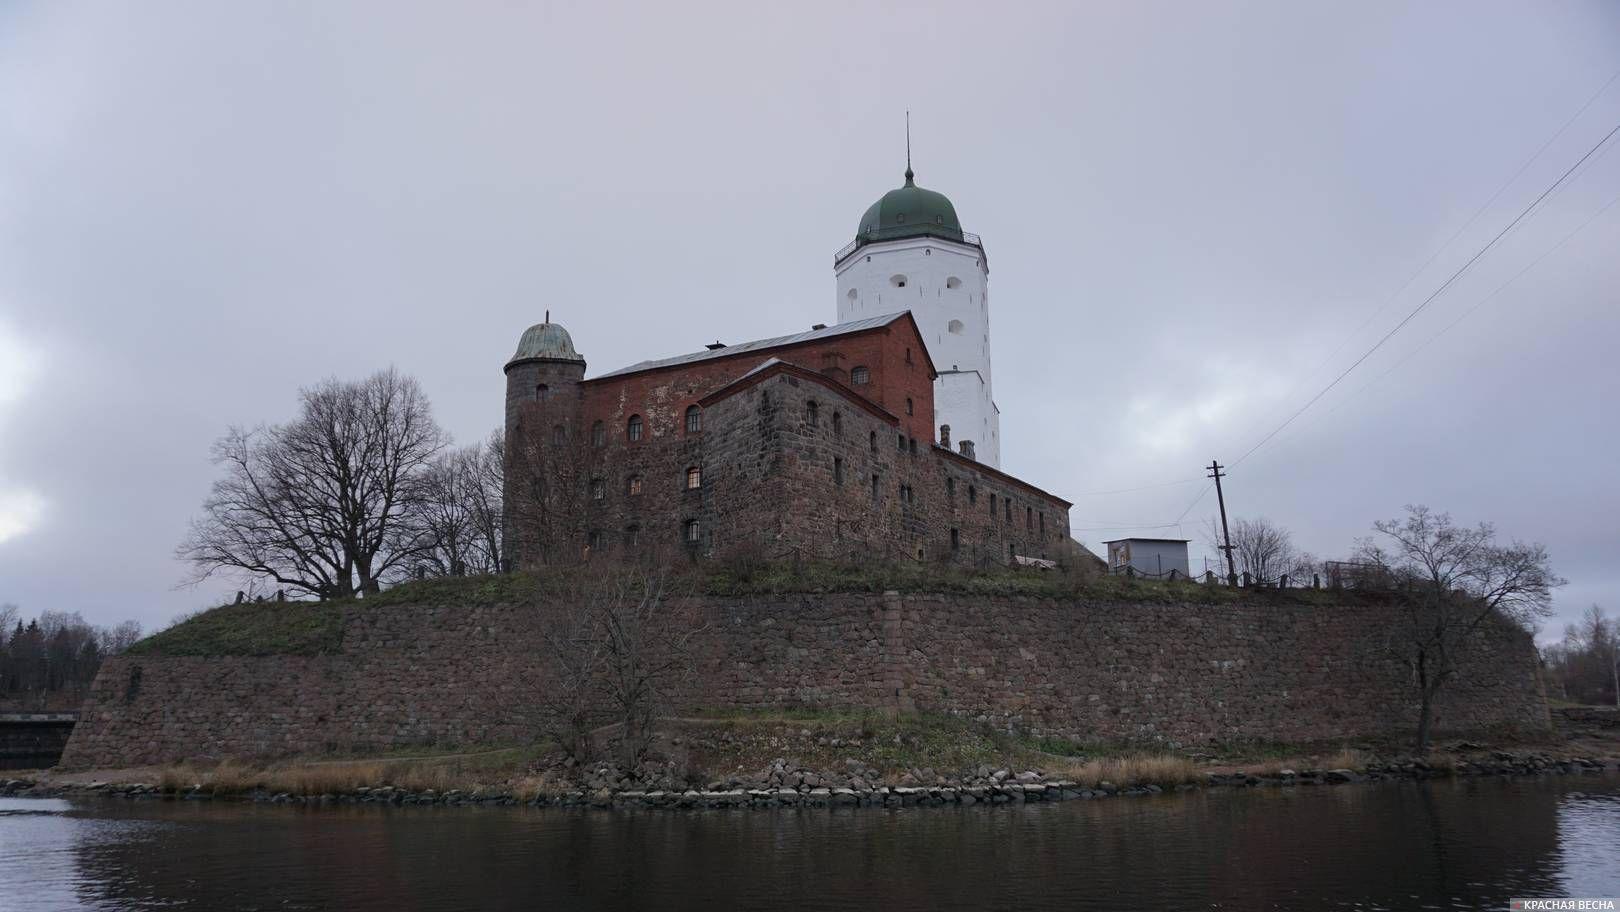 Выборгский замок, Выборг, Ленобласть. 24.11.2018